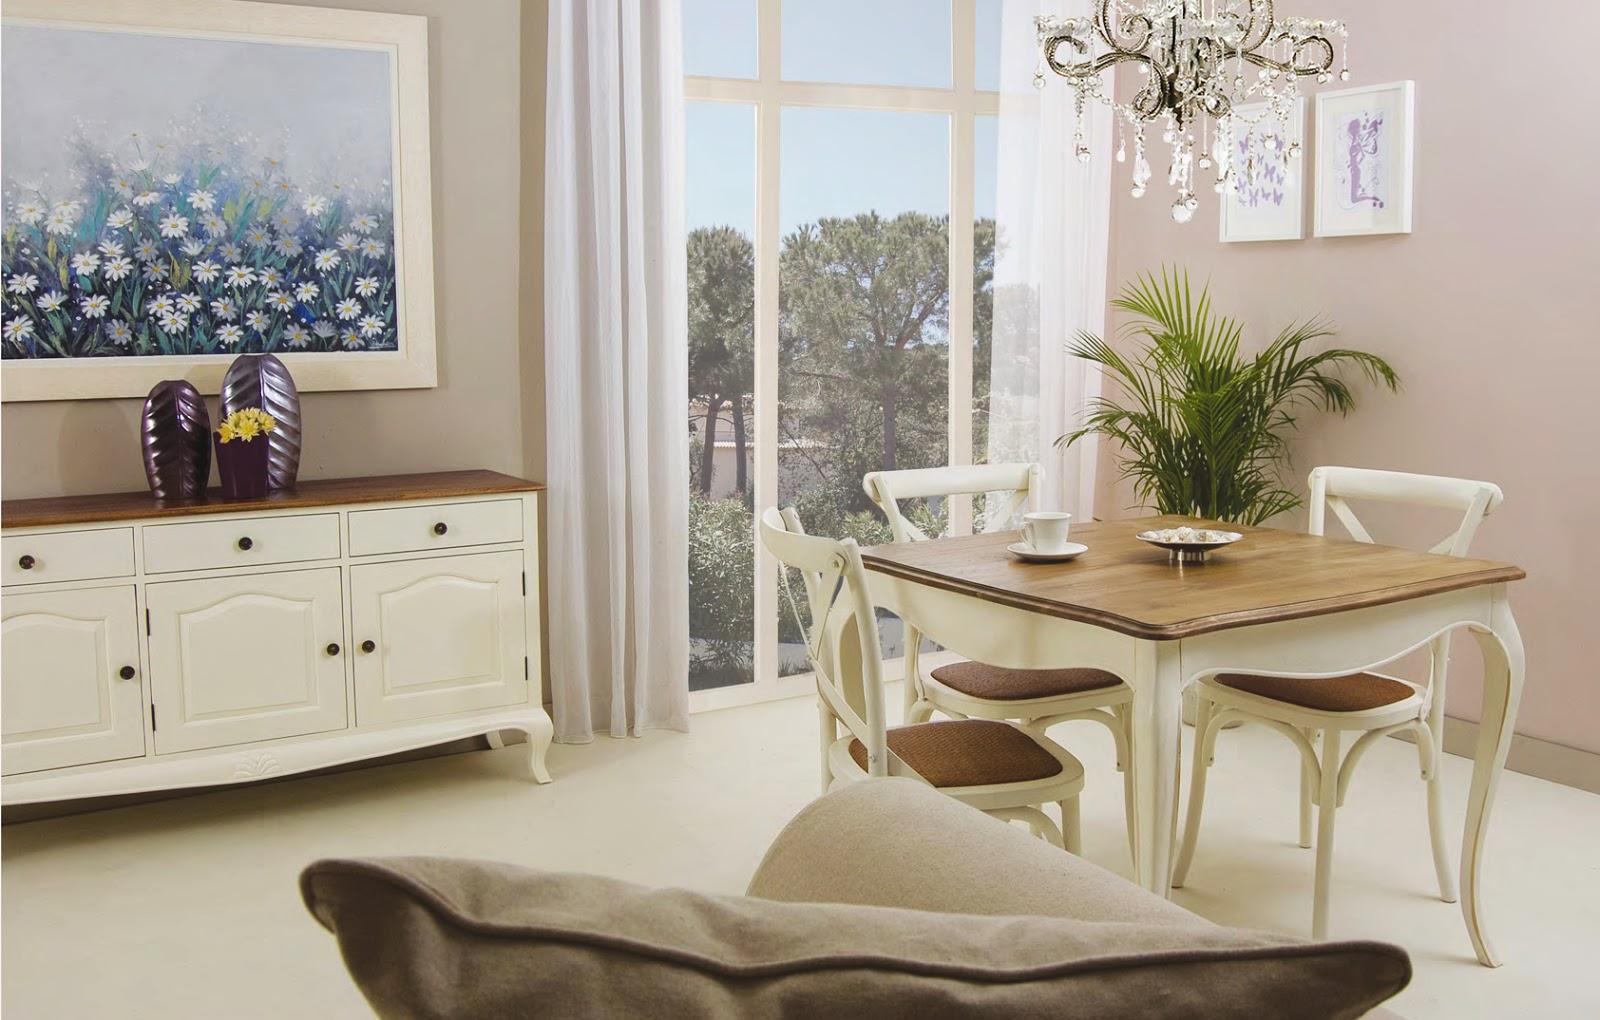 Muebles de comedor comedores clasicos blancos - Comedores clasicos ...